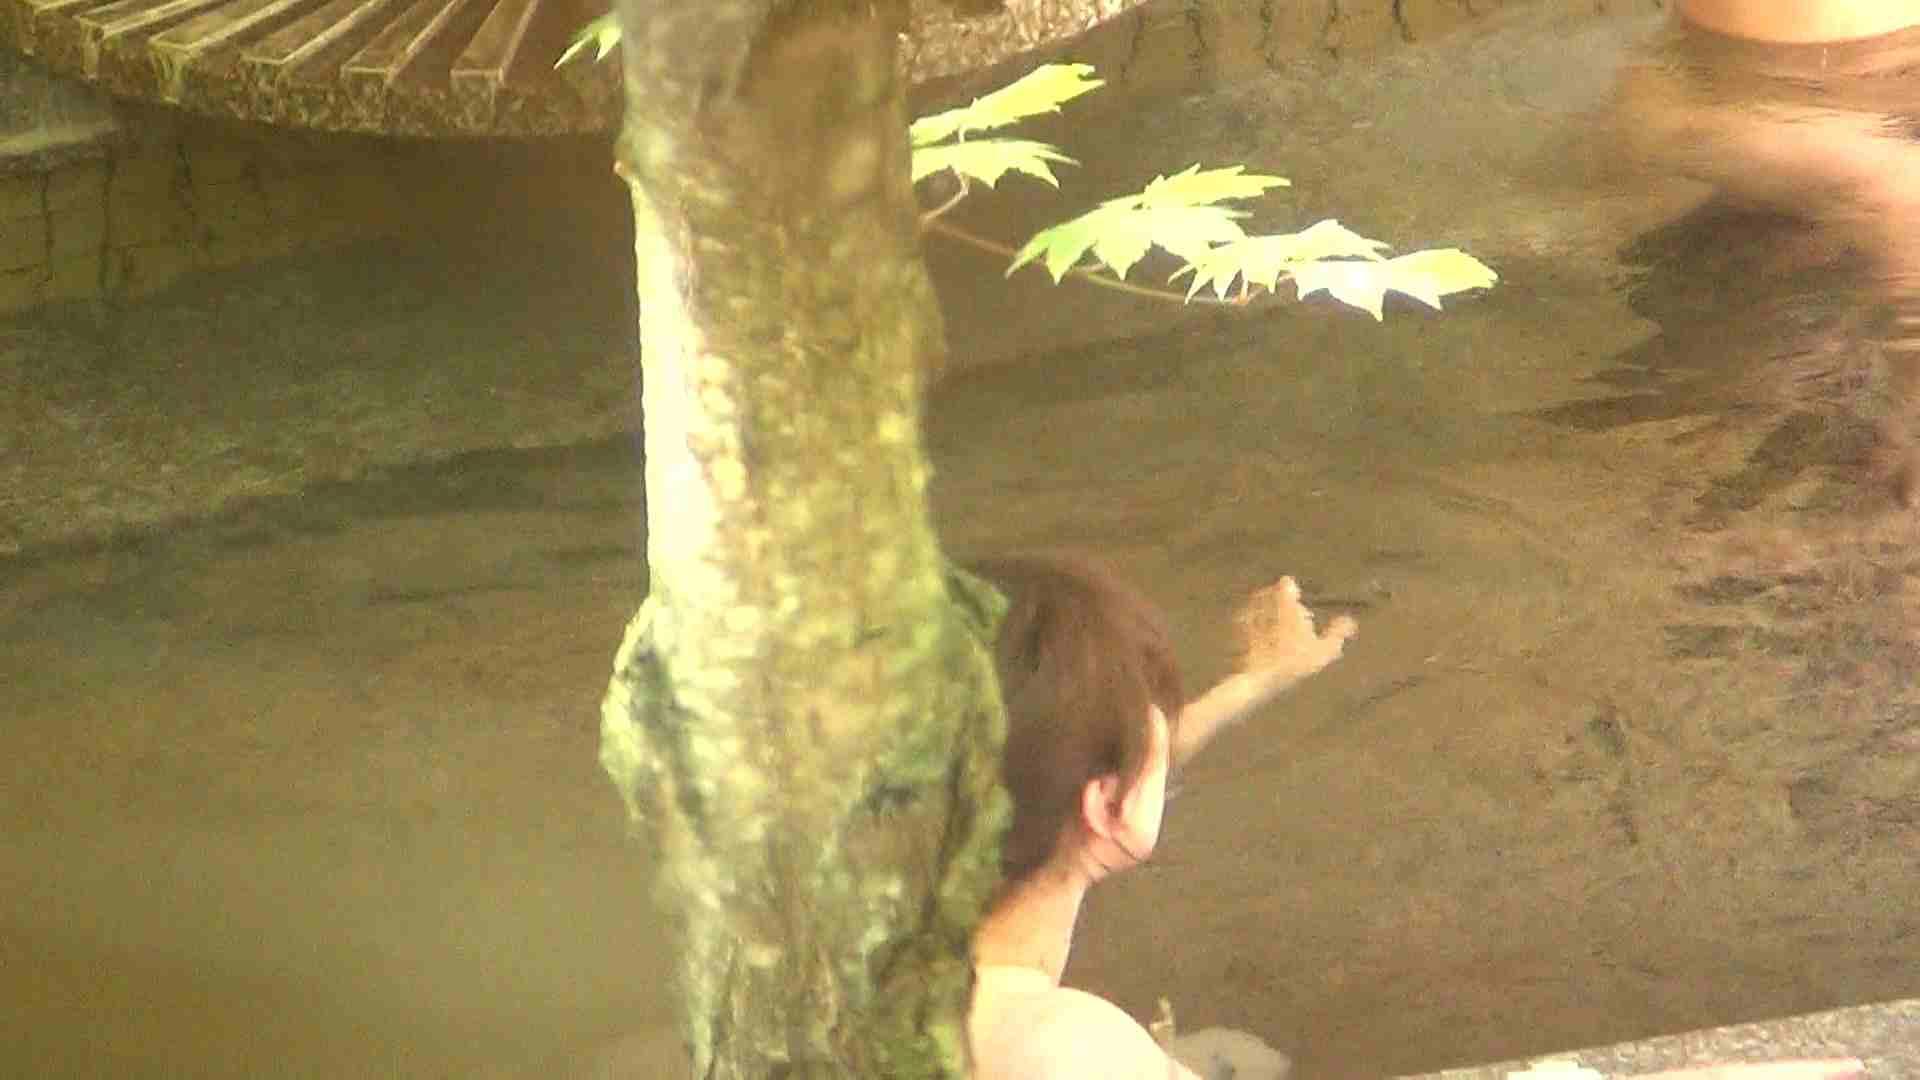 Aquaな露天風呂Vol.245 OLハメ撮り  87Pix 13